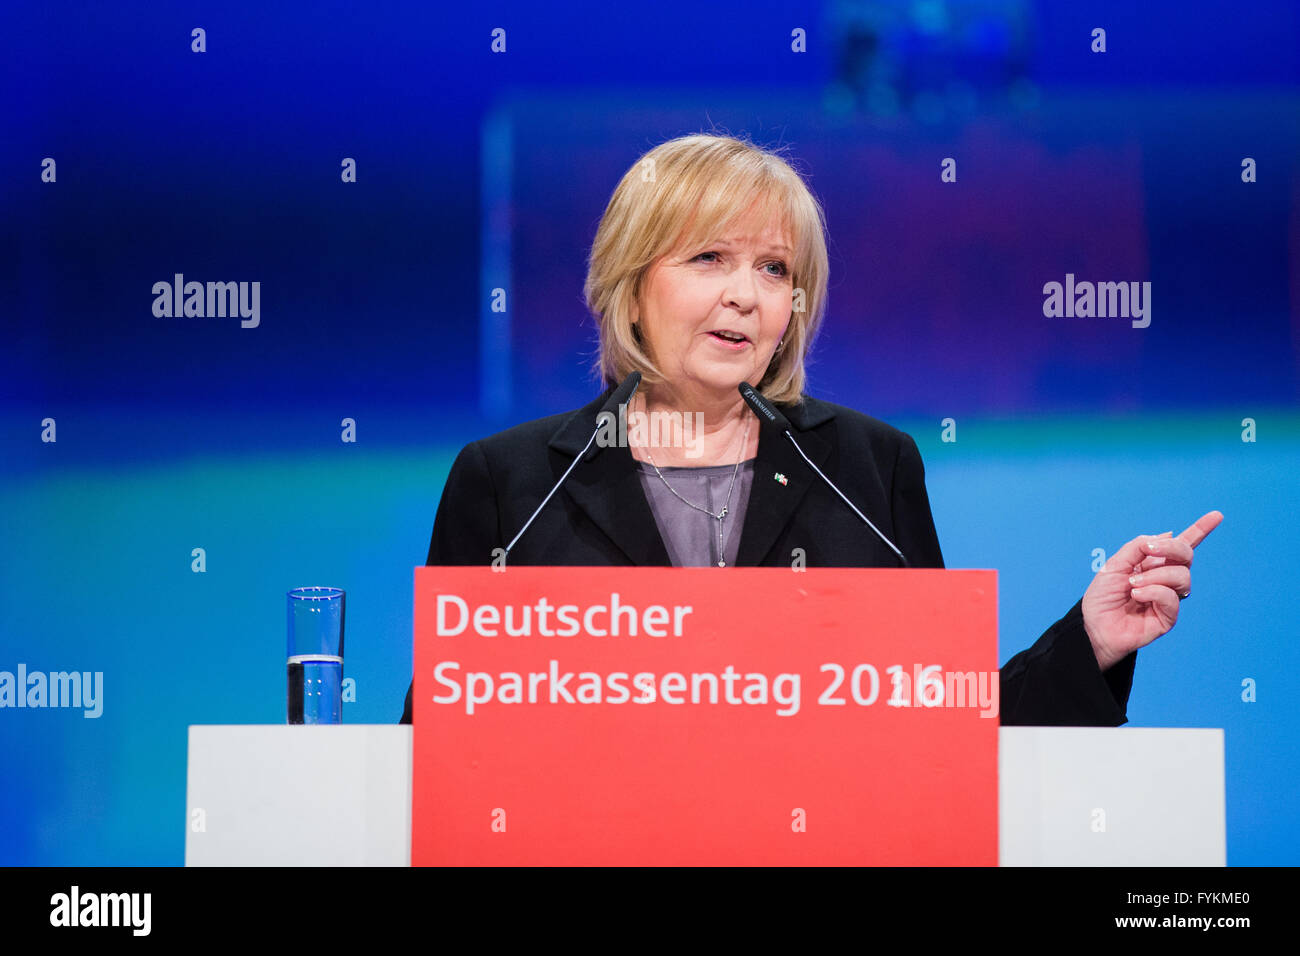 North Rhine-Westphalia's Premier Hannelore Kraft (SPD) speaks during a the ' Deutschen Sparkassentag ', - Stock Image